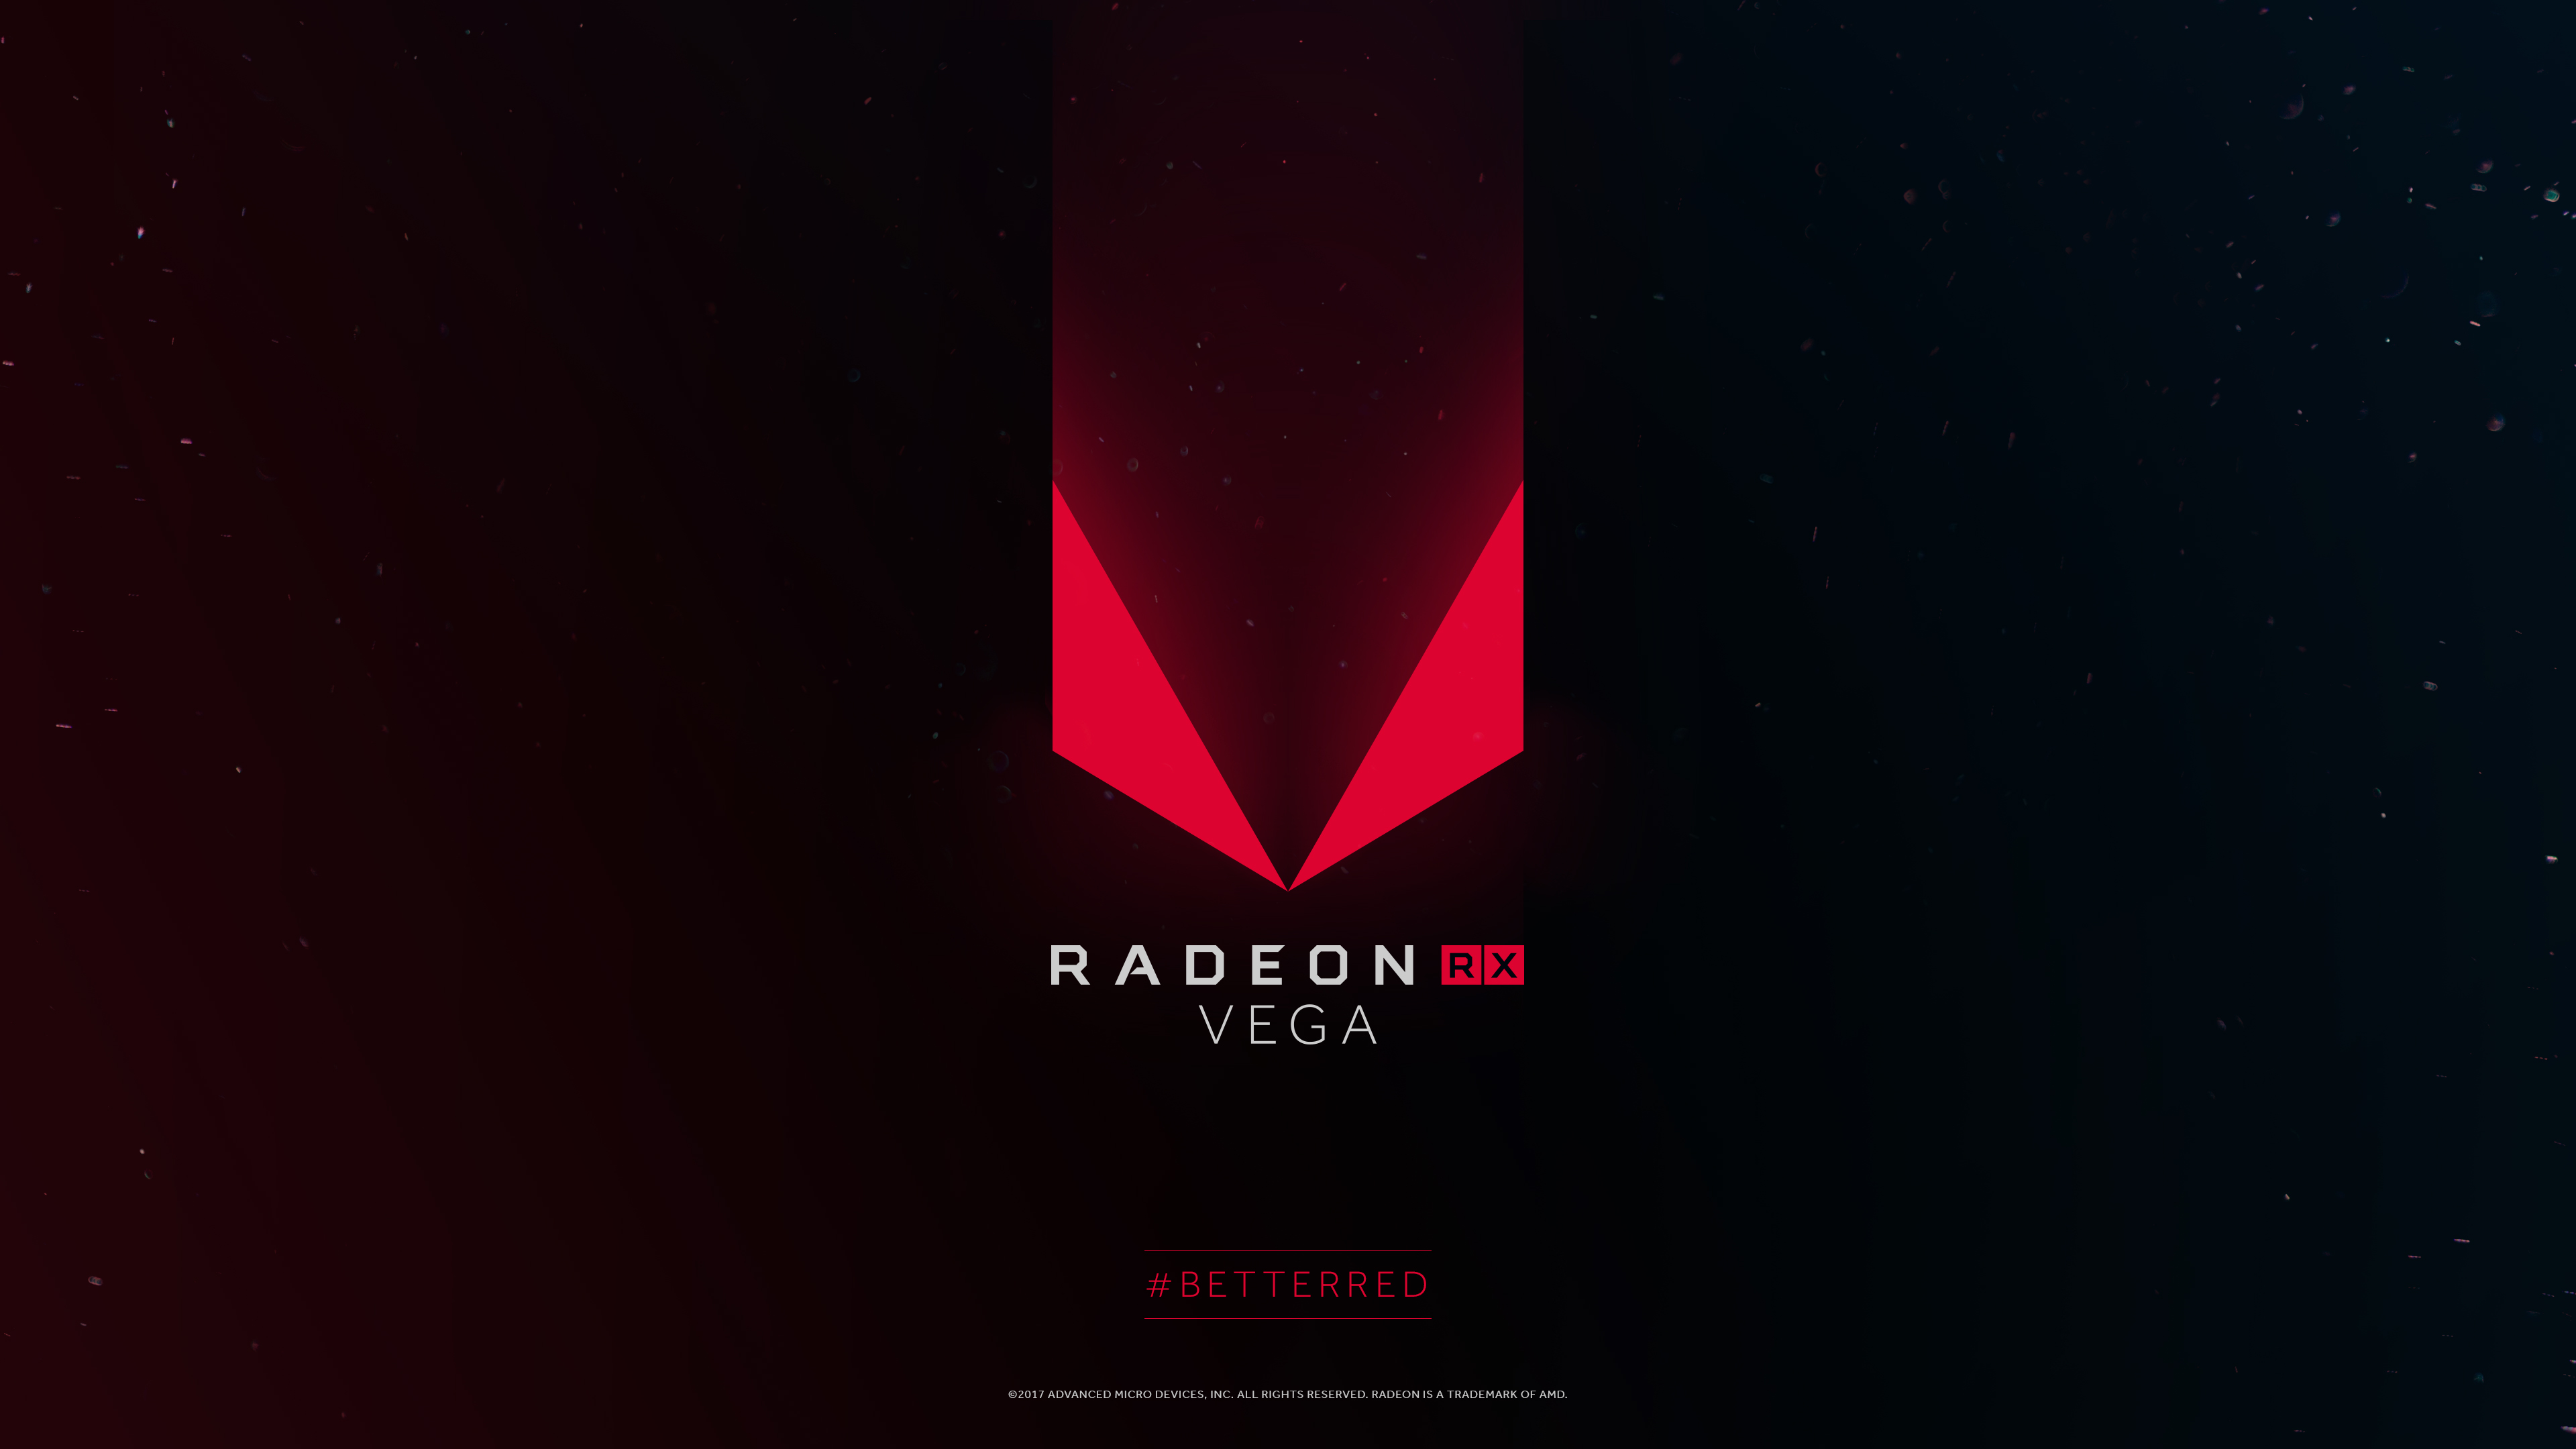 احتمال دارد AMD کارت گرافیکهای Vega 28 و Vega 32 را جایگزین سری RX 500 کند